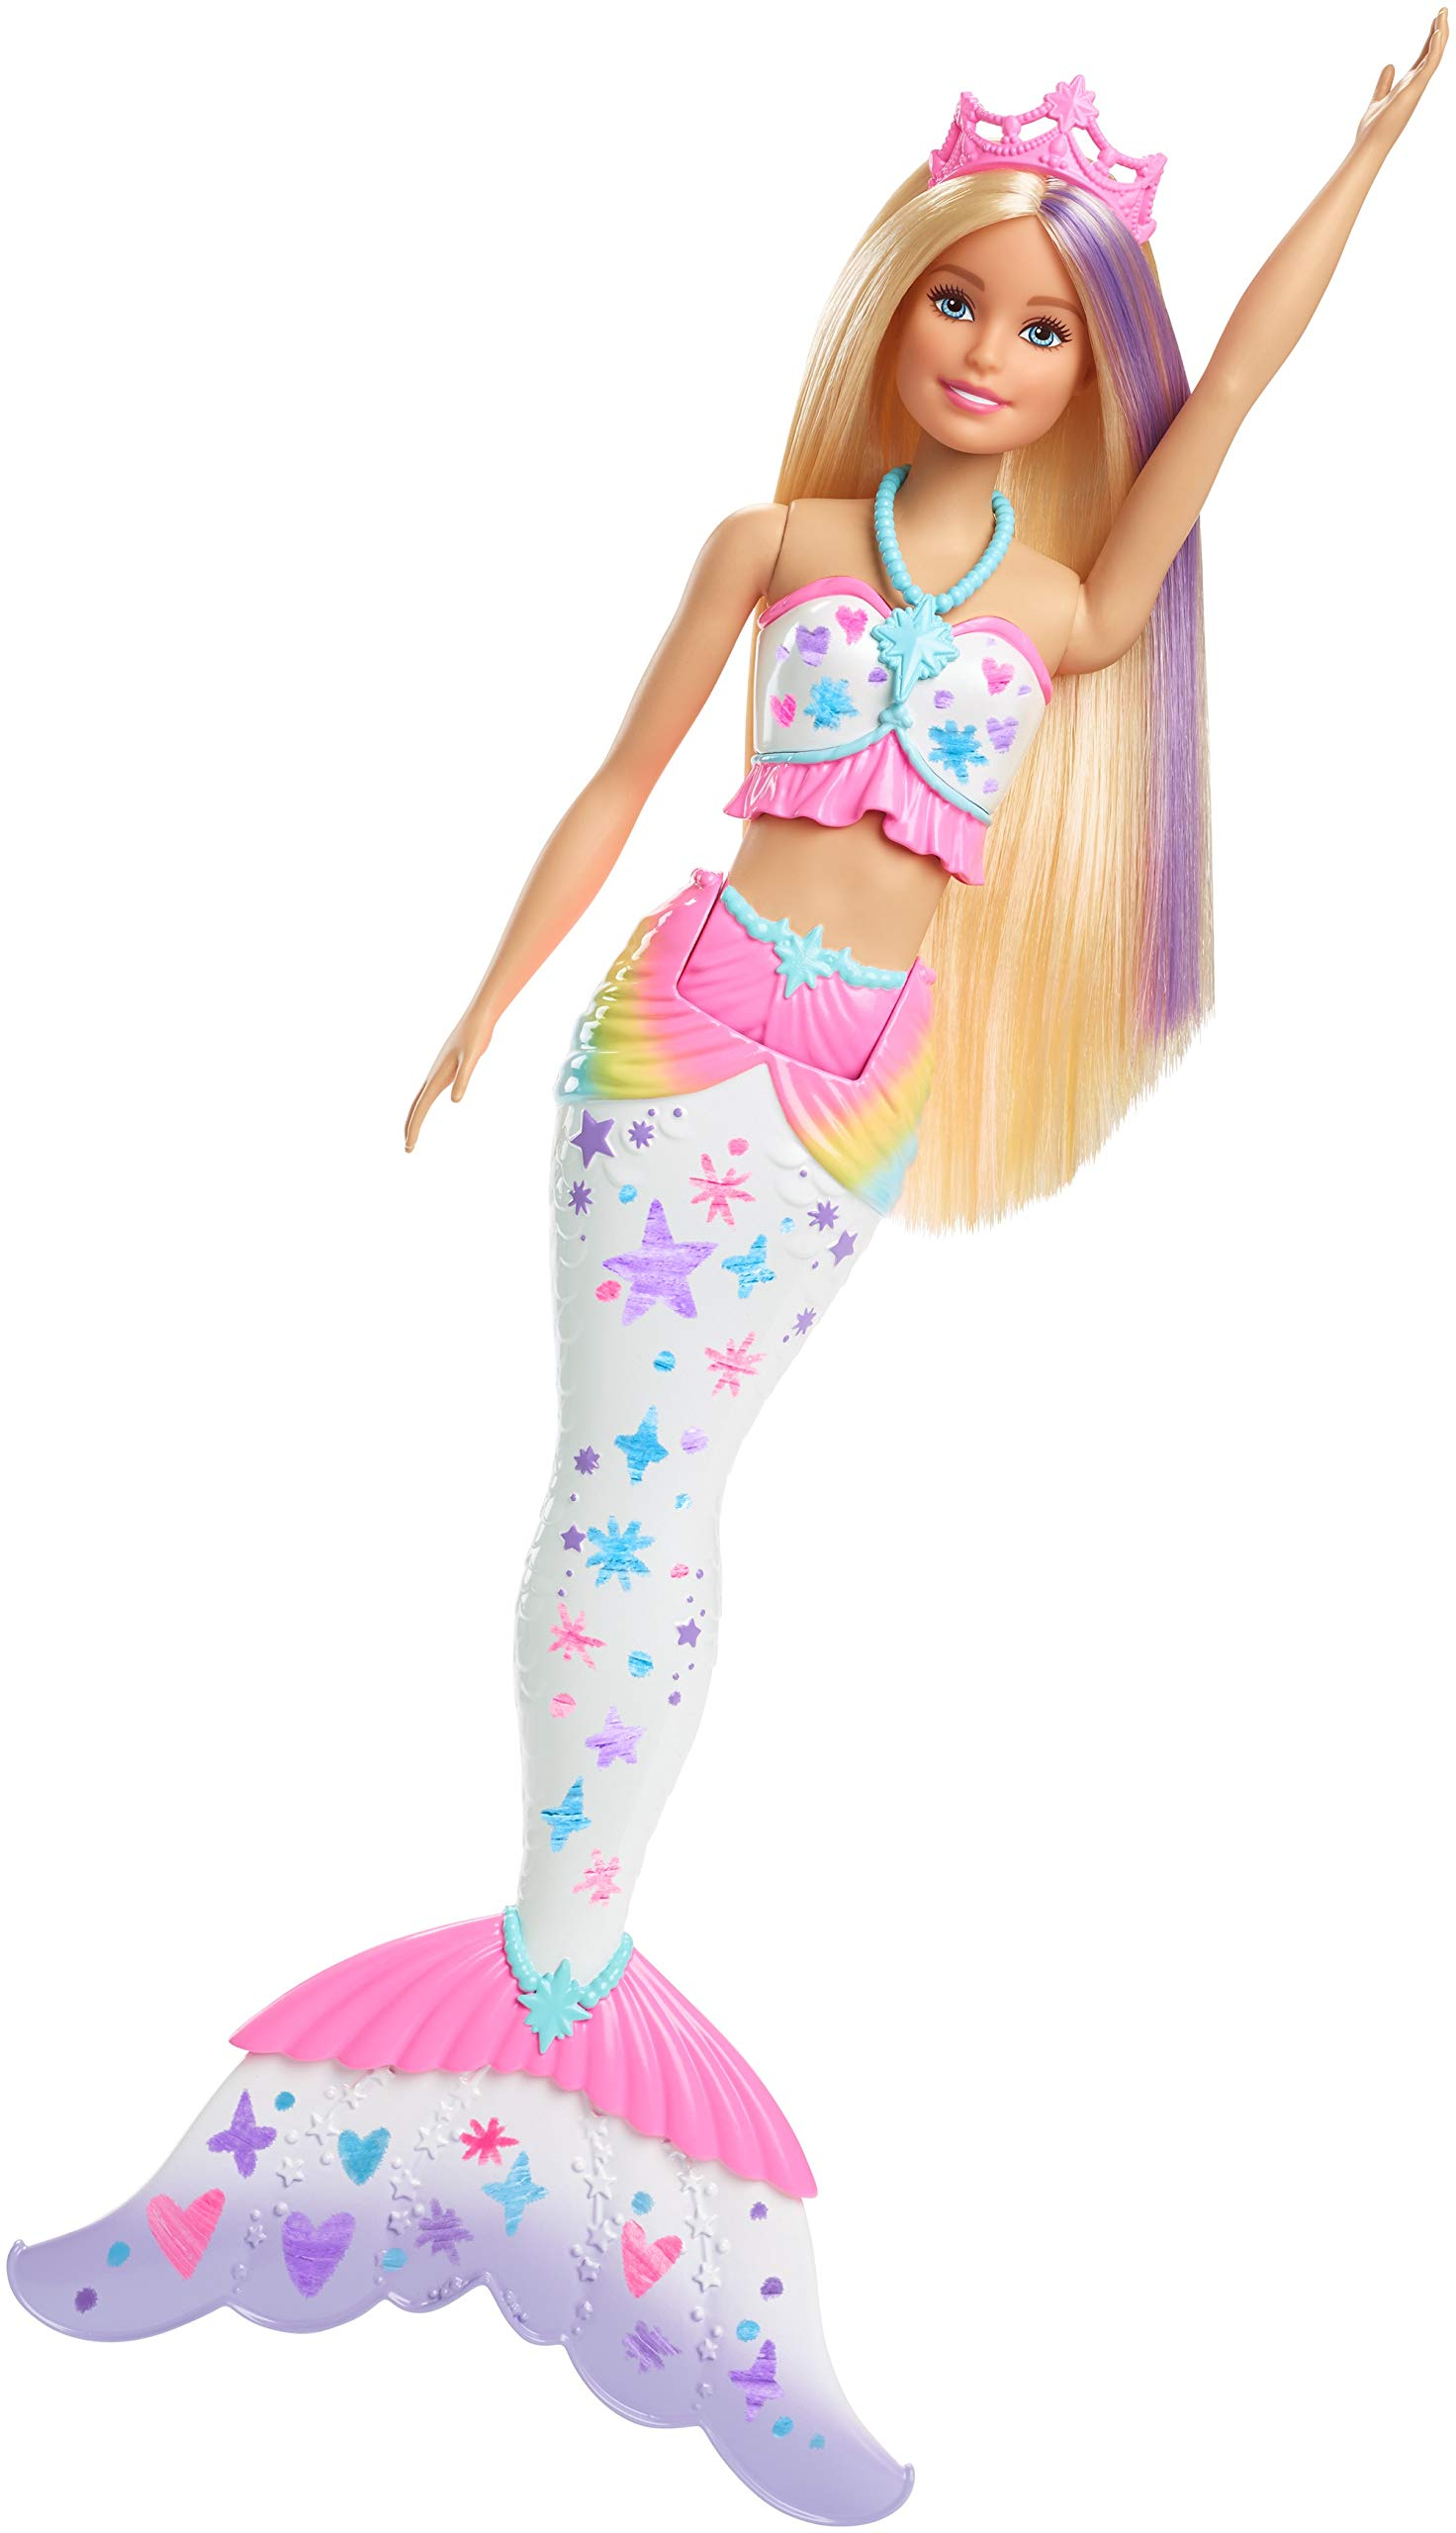 Amazon.es: Barbie Dreamtopia Crayola Sirena color mágico, muñeca con accesorios (Mattel GCG67): Juguetes y juegos